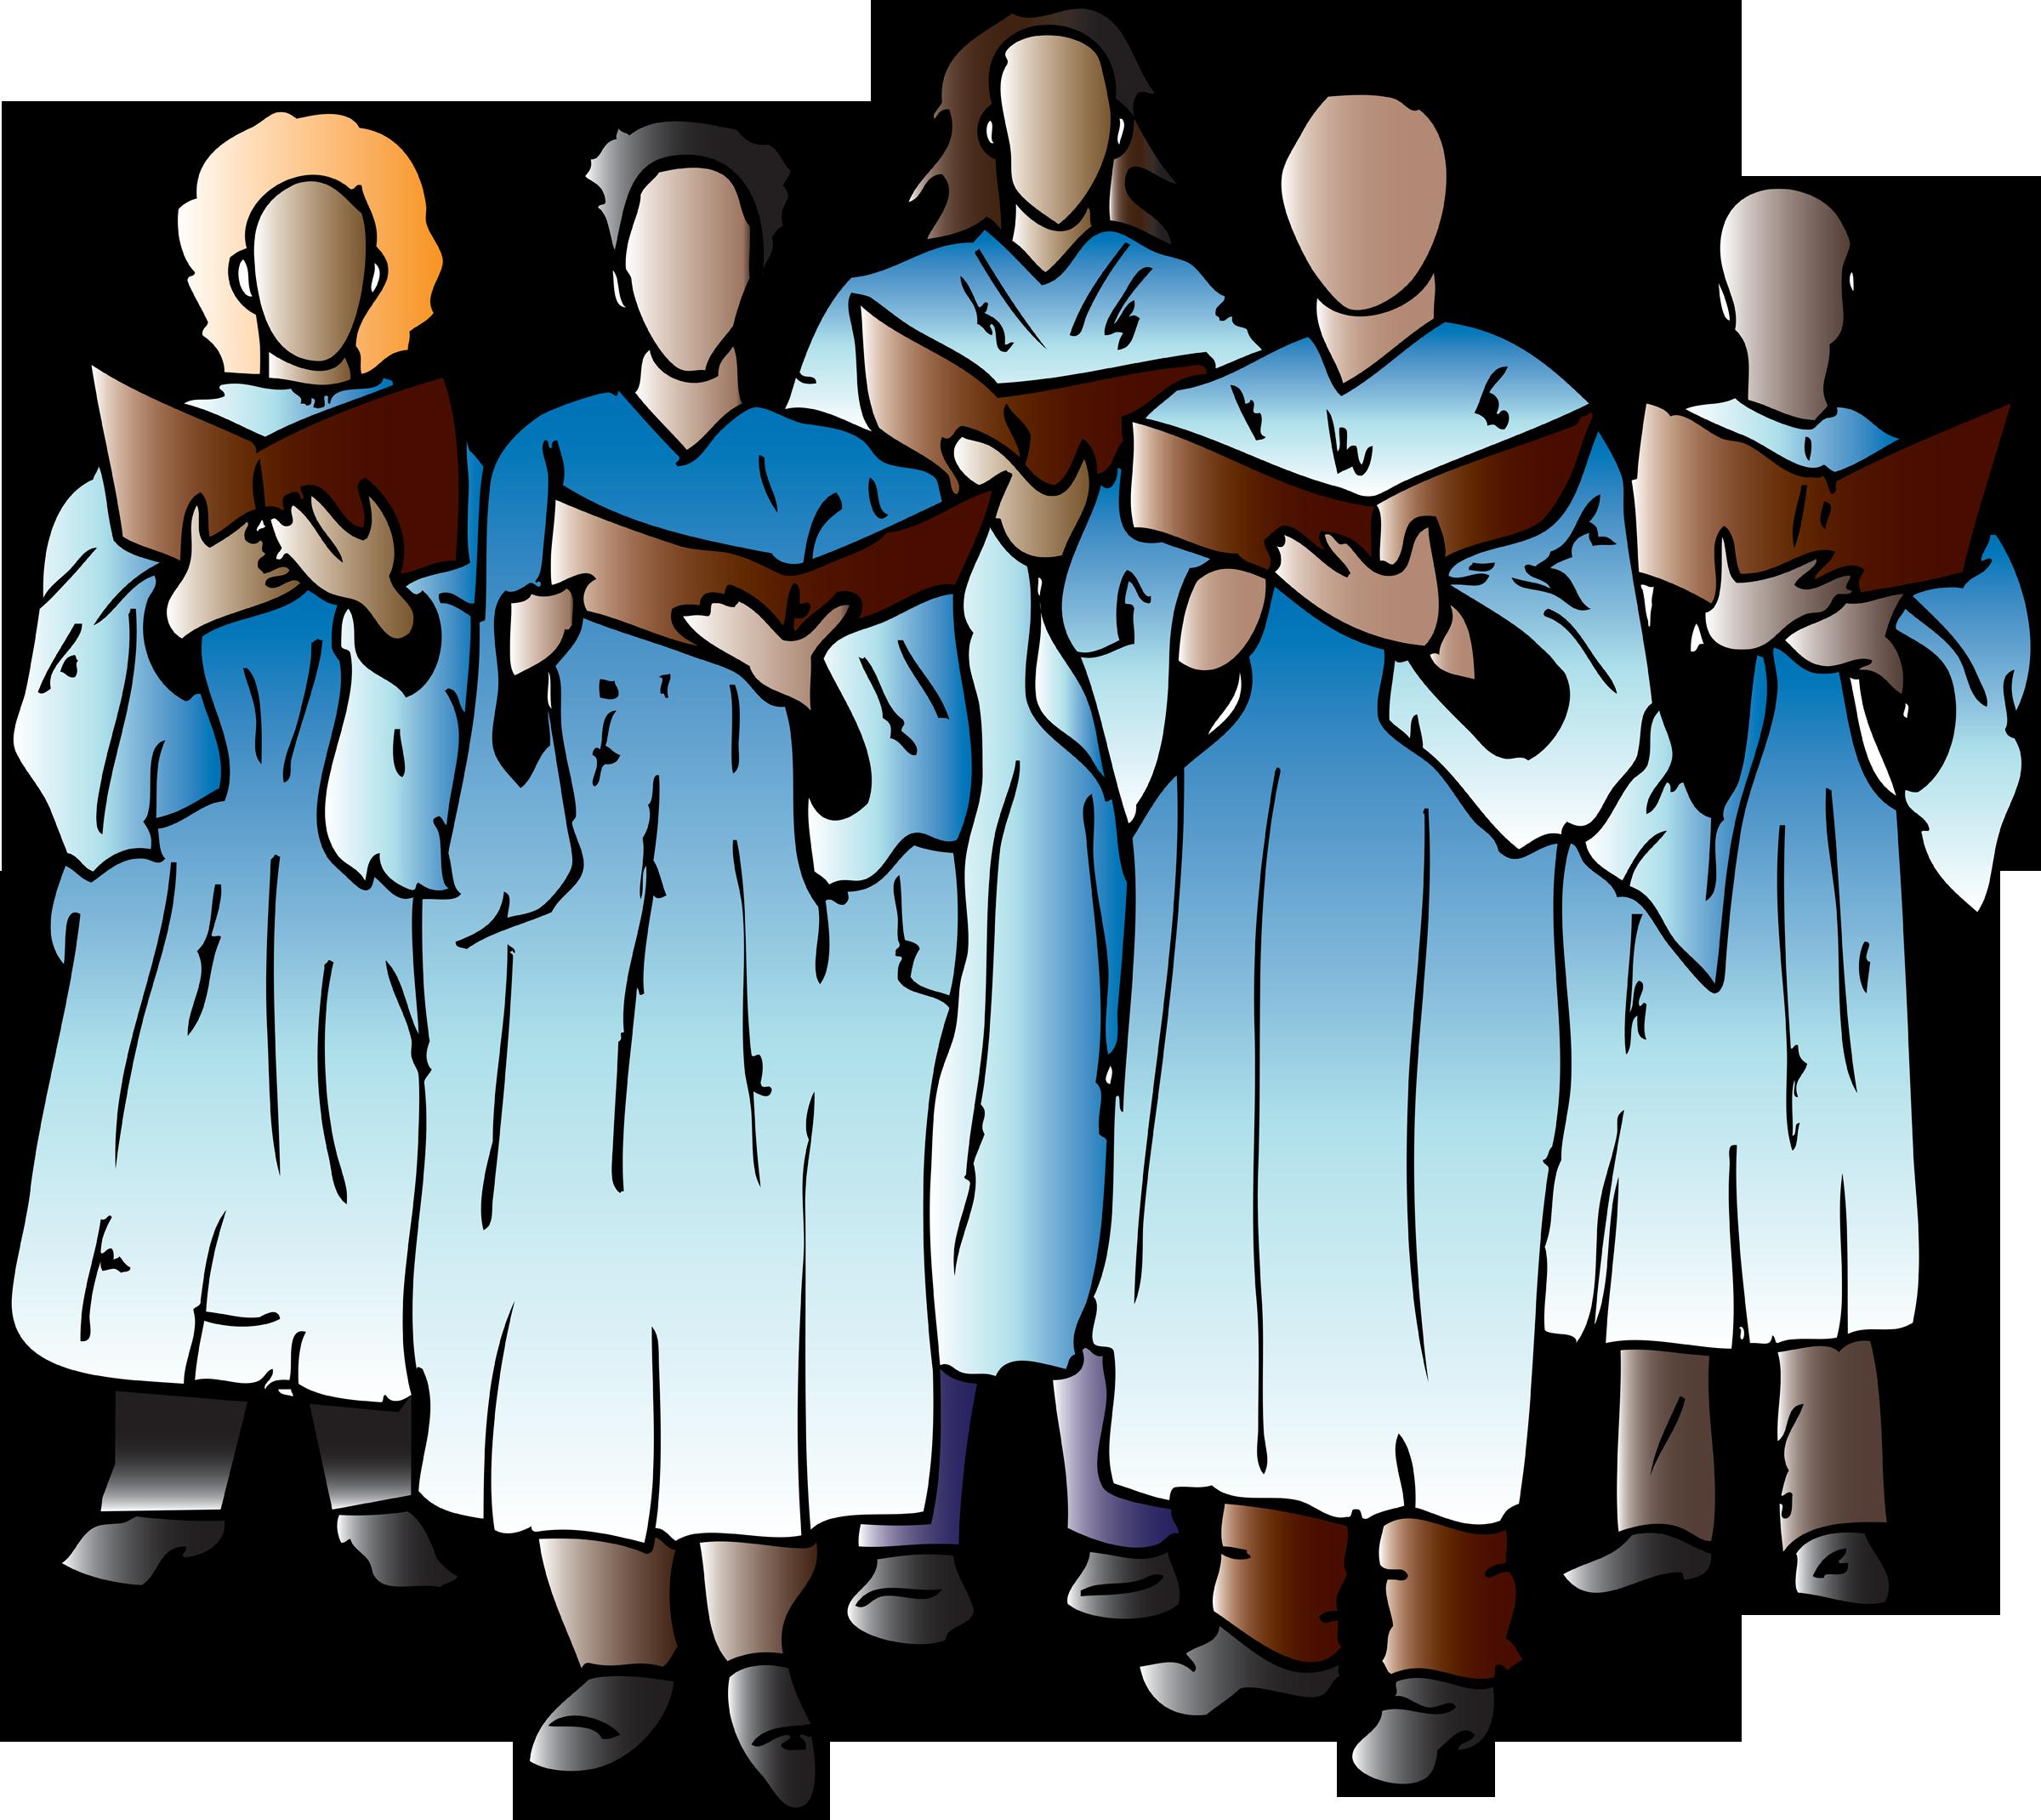 Choir clipart church choir. African american kid clip